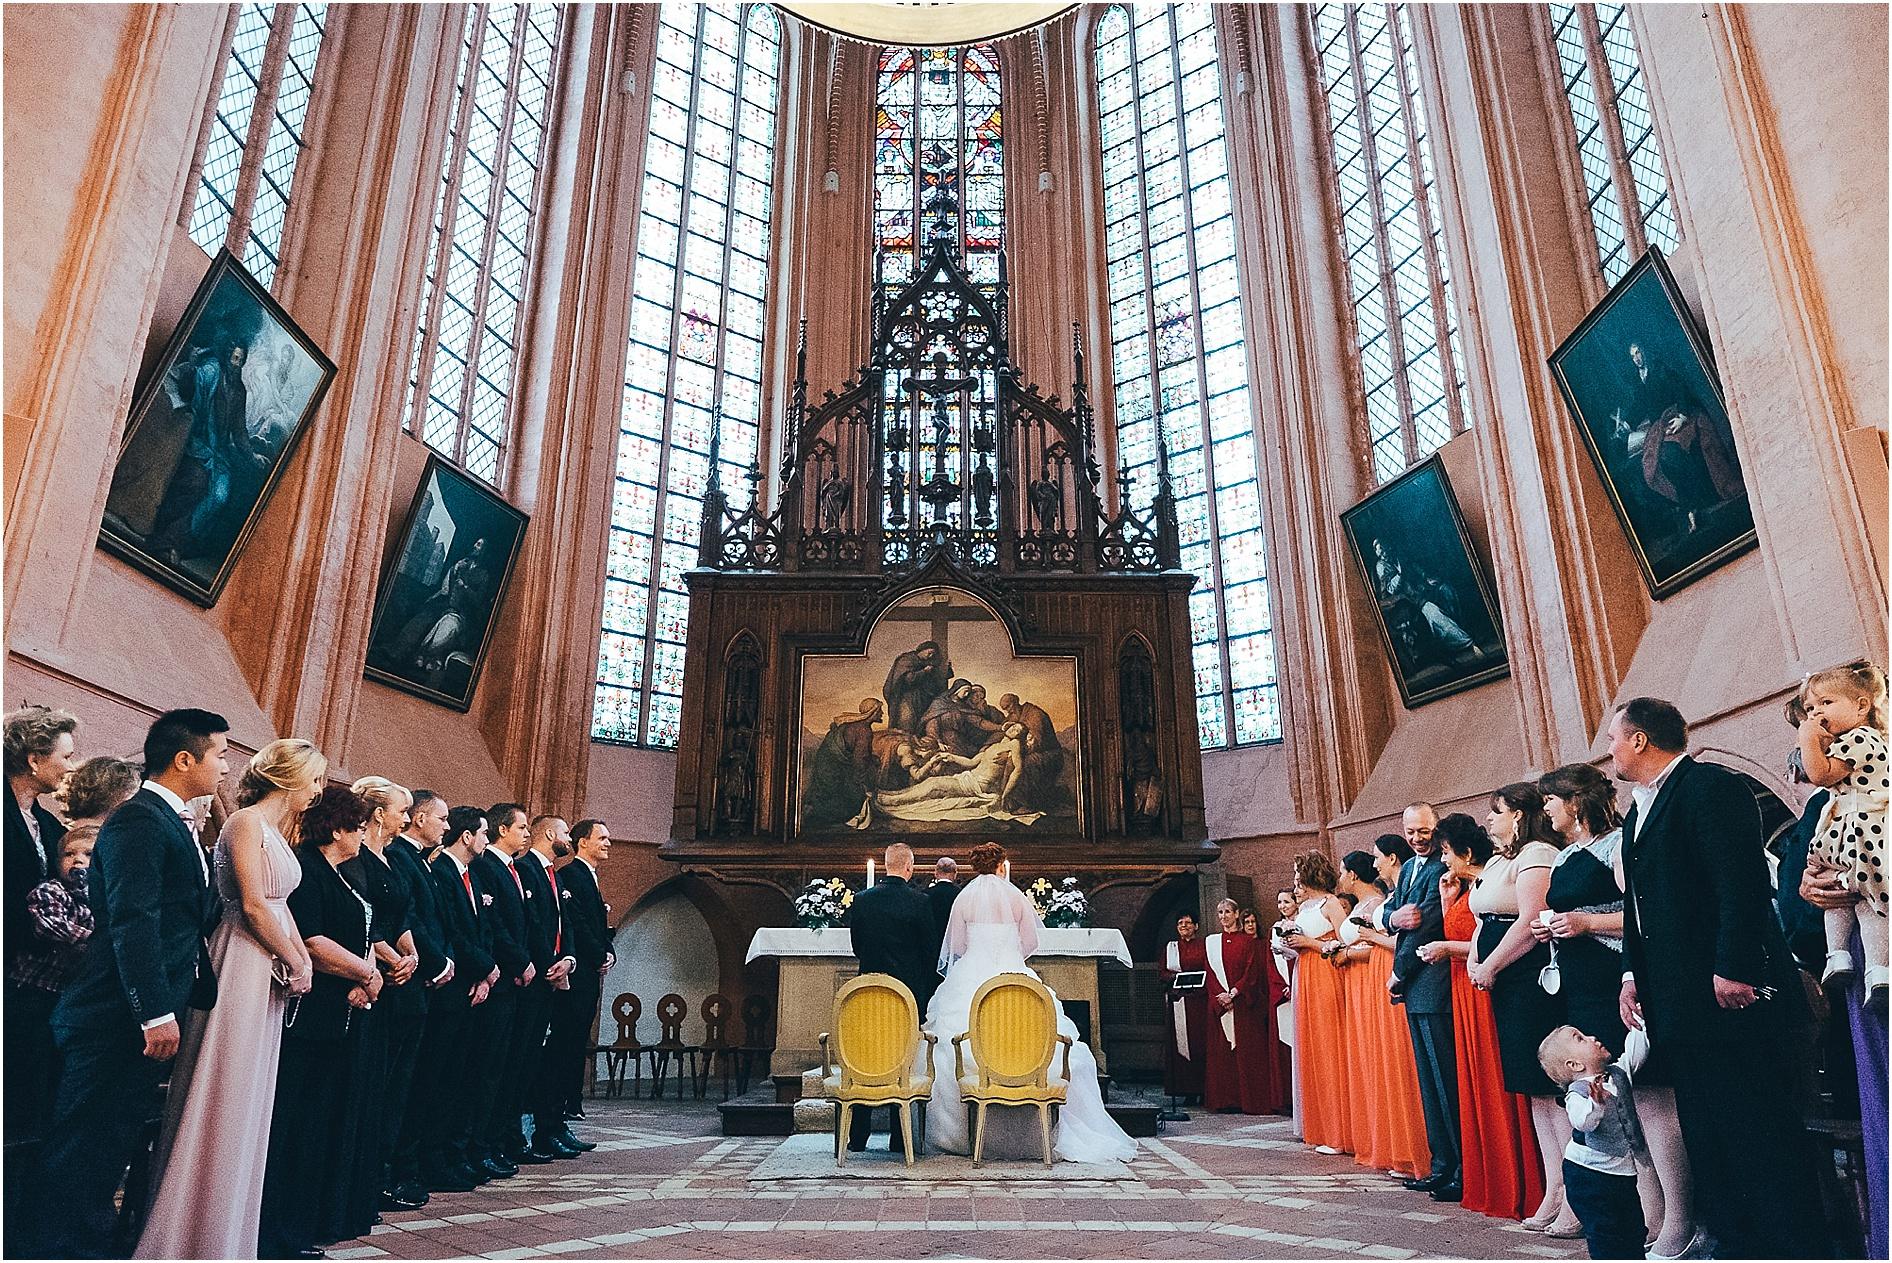 2014-11-20_0033 Lora & Daniel - Als Hochzeitsfotograf in Lüneburg